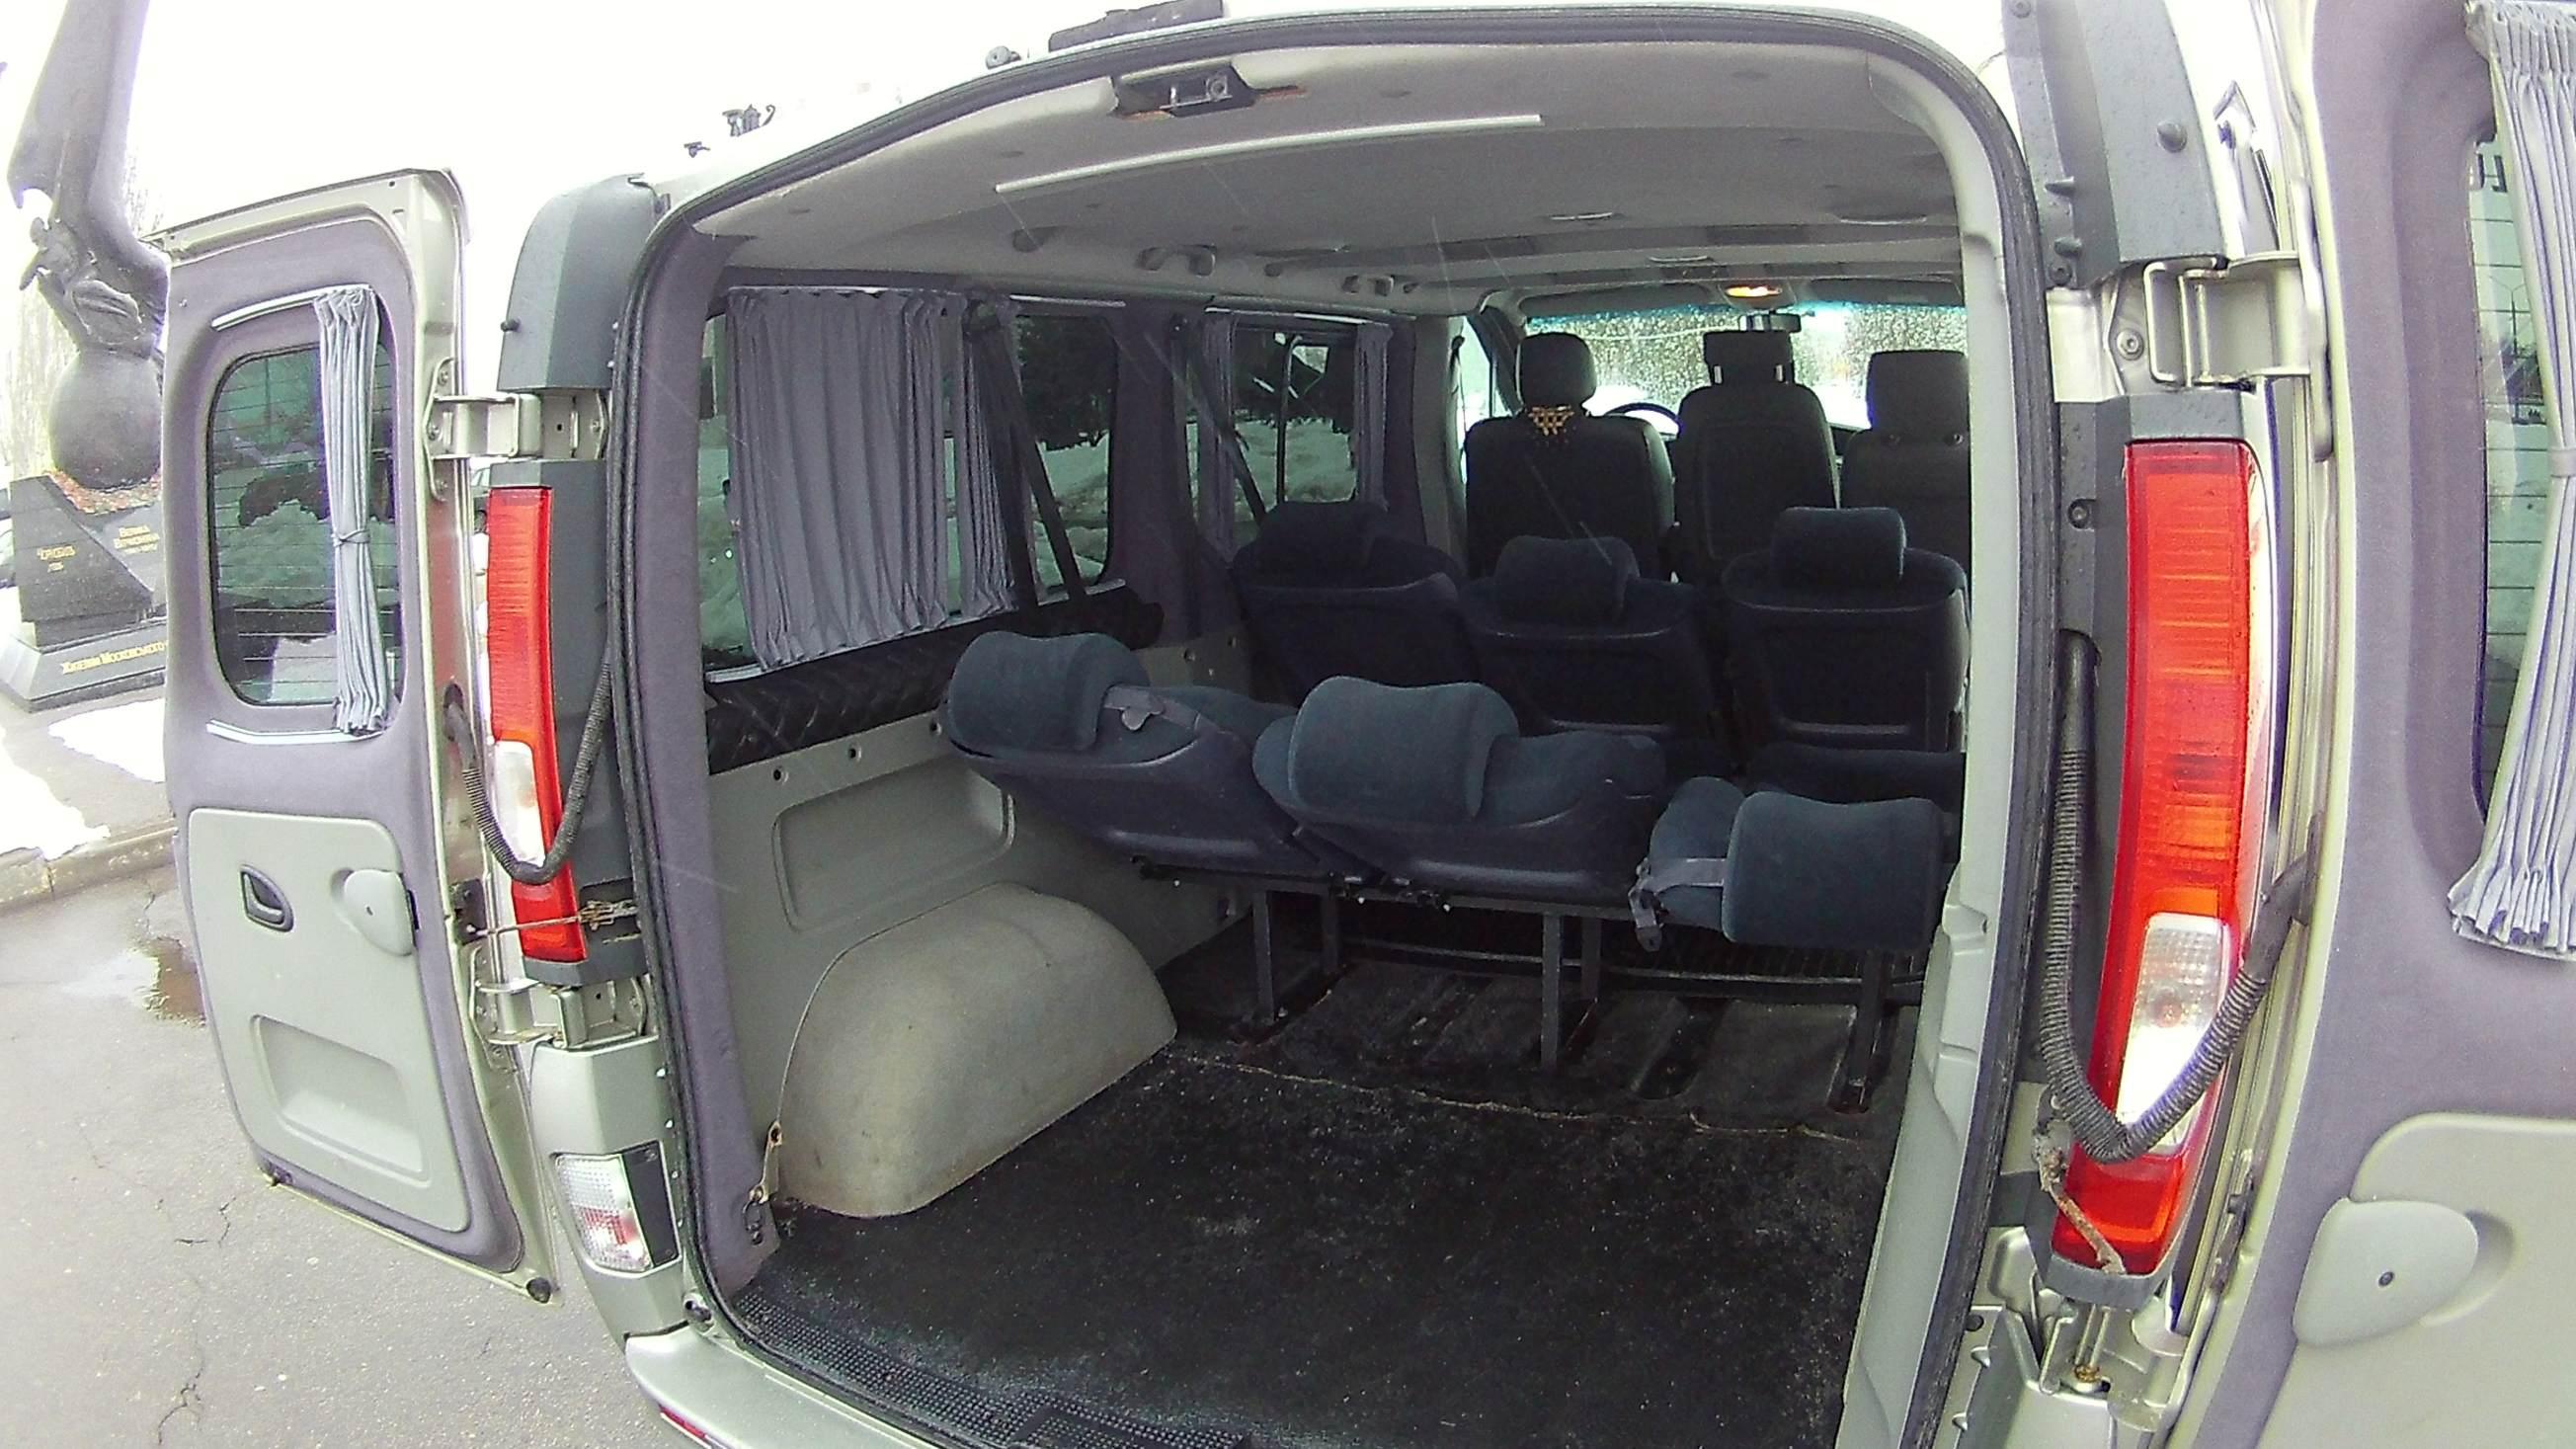 Блог им. fokinpr: Маршрутка в Москву из Харькова – комфортный микроавтобус, выгодные цены, быстро и удобно